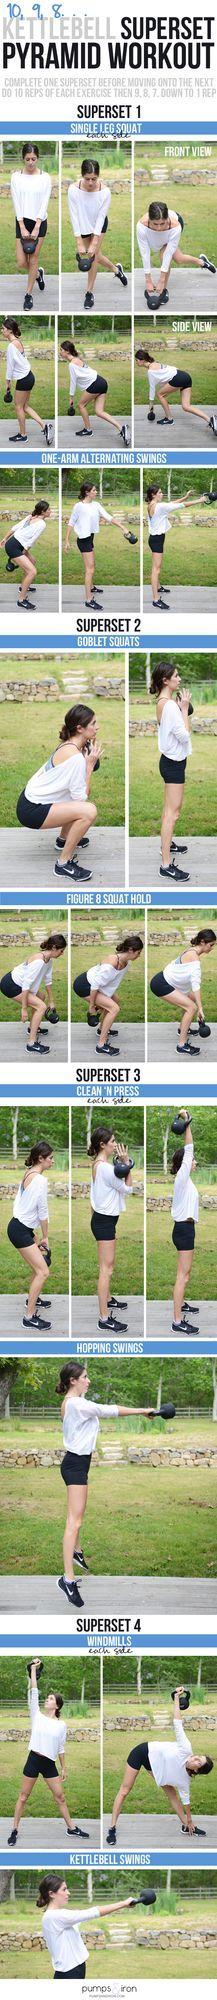 Kettlebell Superset Pyramid Workout   Pumps & Iron   Bloglovin'